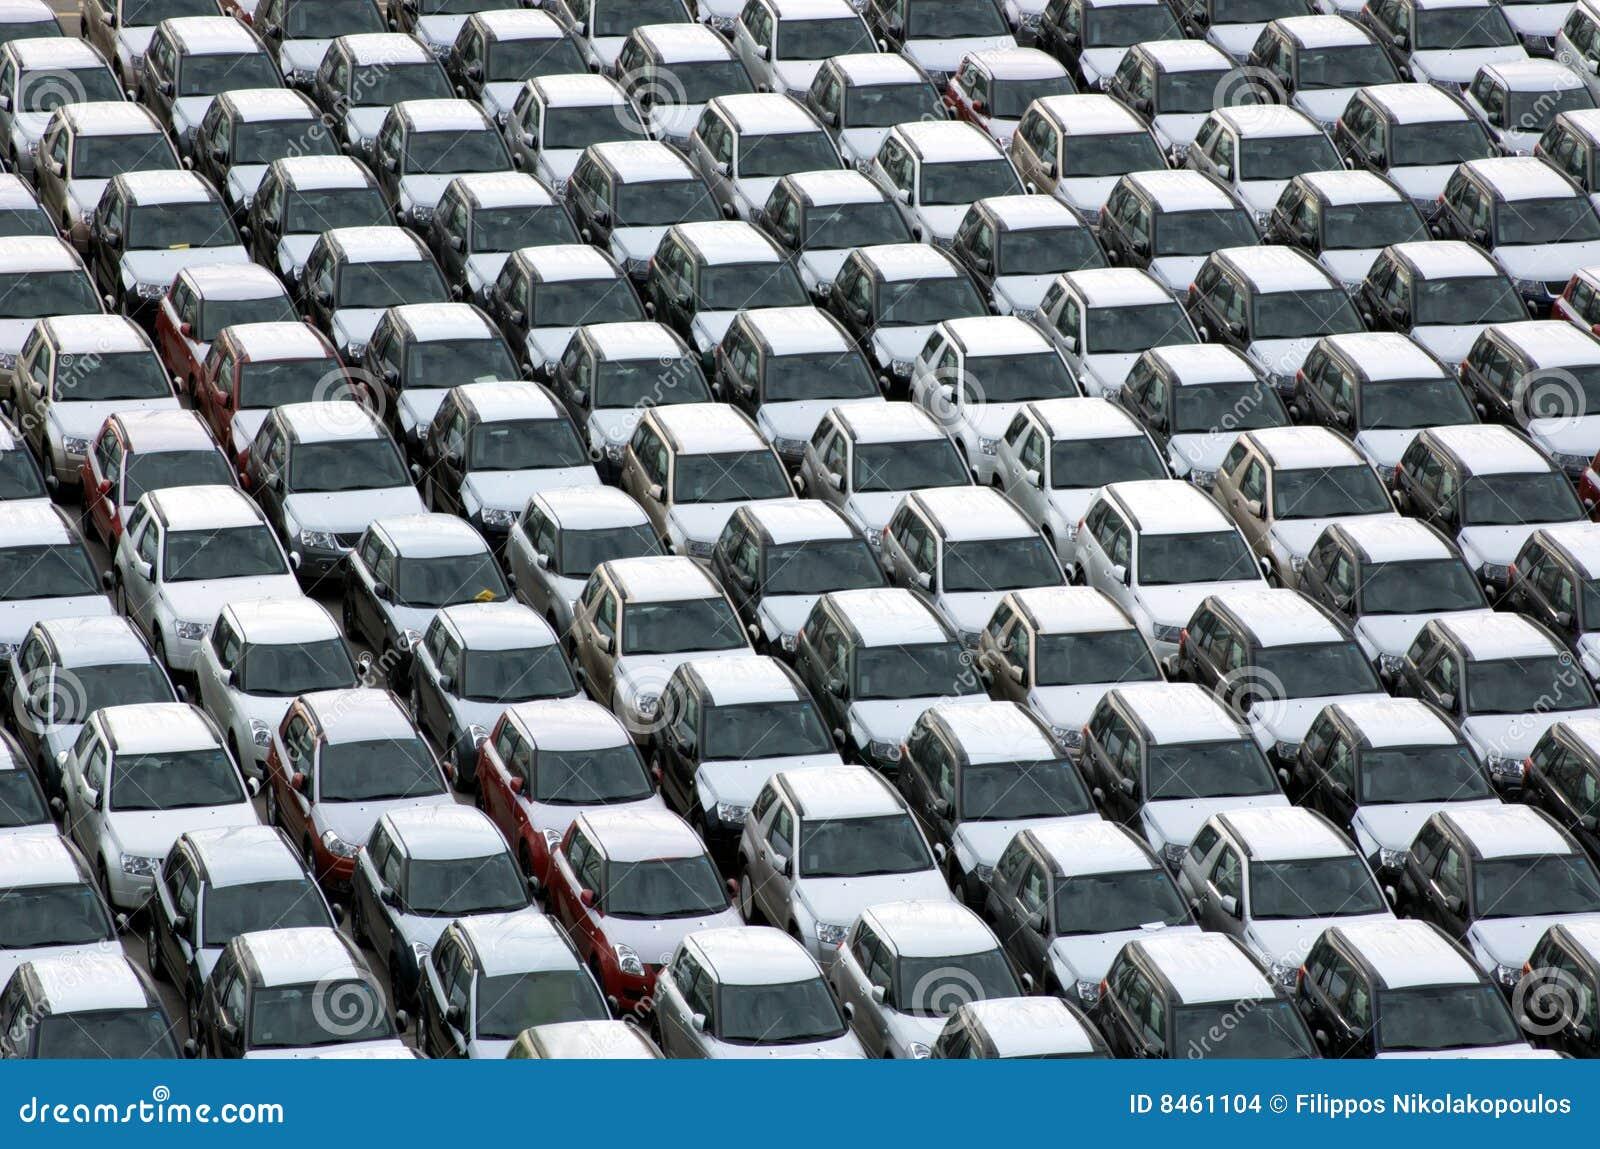 Stack Car Parking